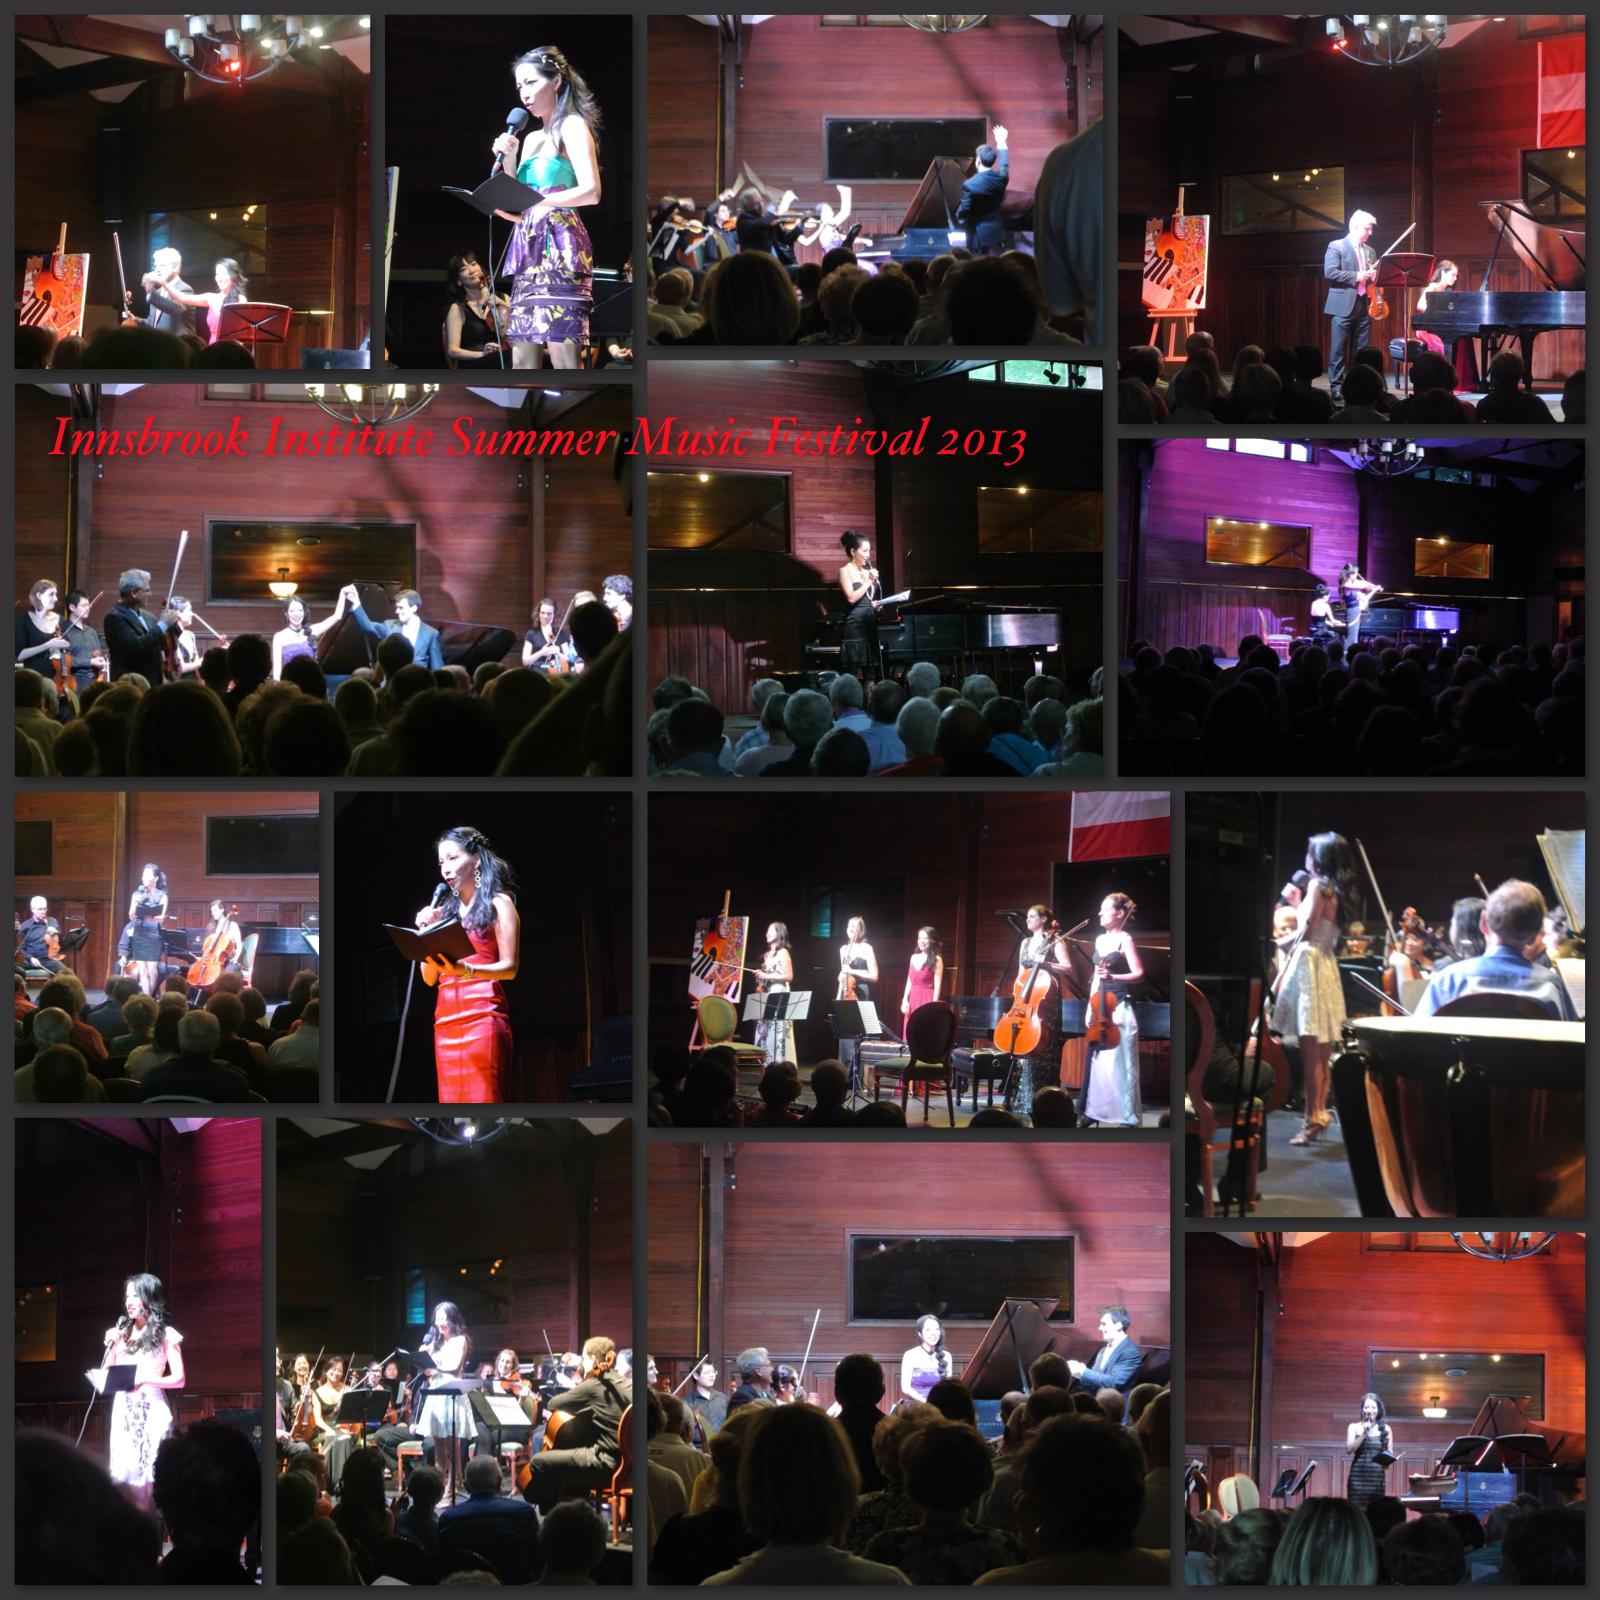 Performing/Emceeing, Innsbrook